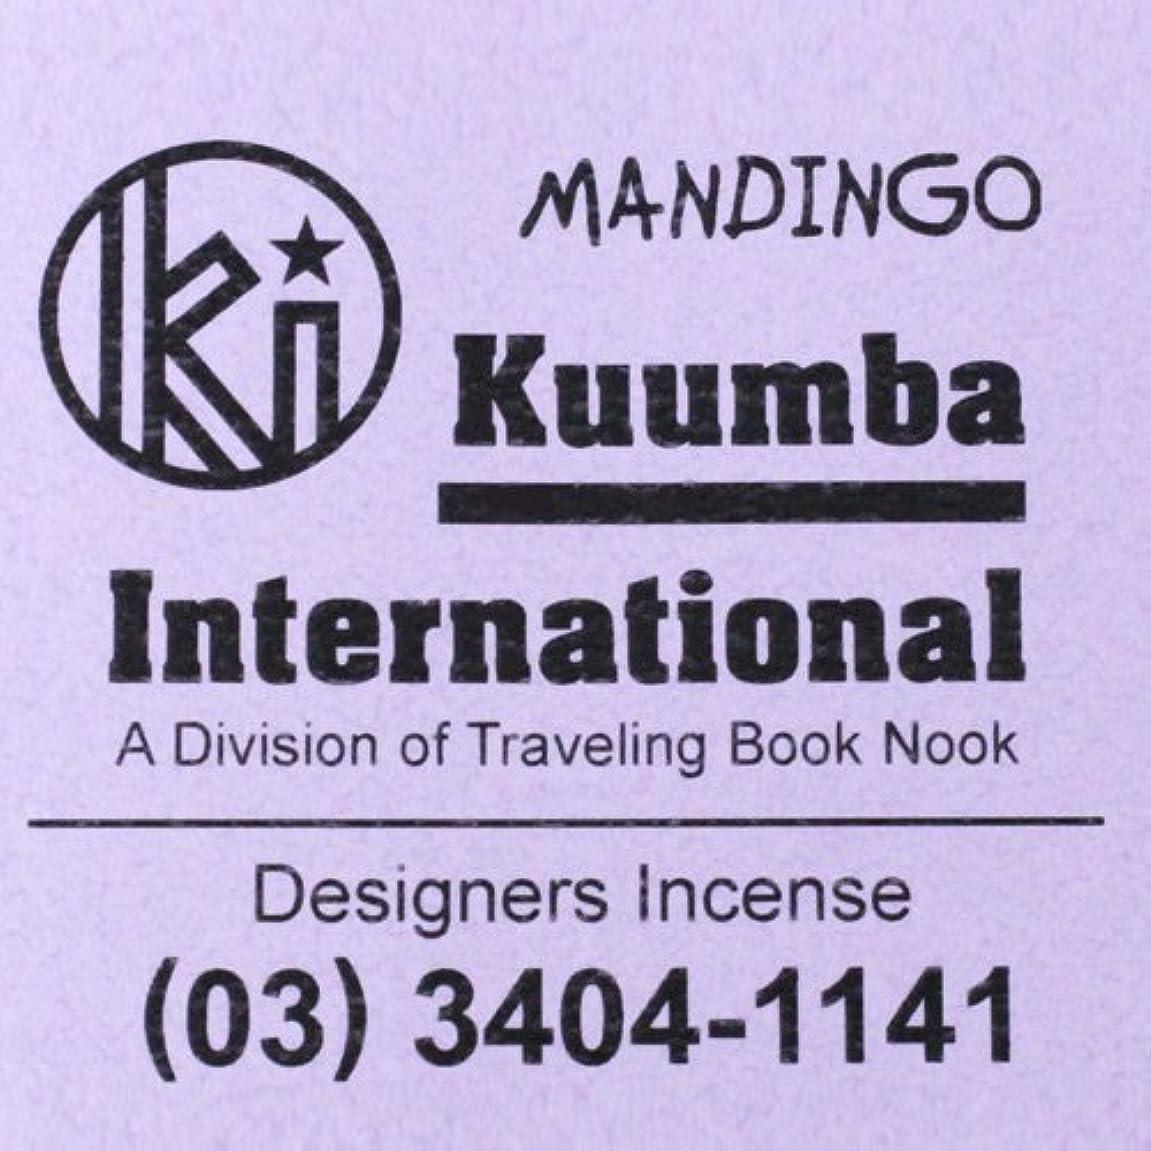 打ち上げる顕著協力的(クンバ) KUUMBA『incense』(MANDINGO) (Regular size)